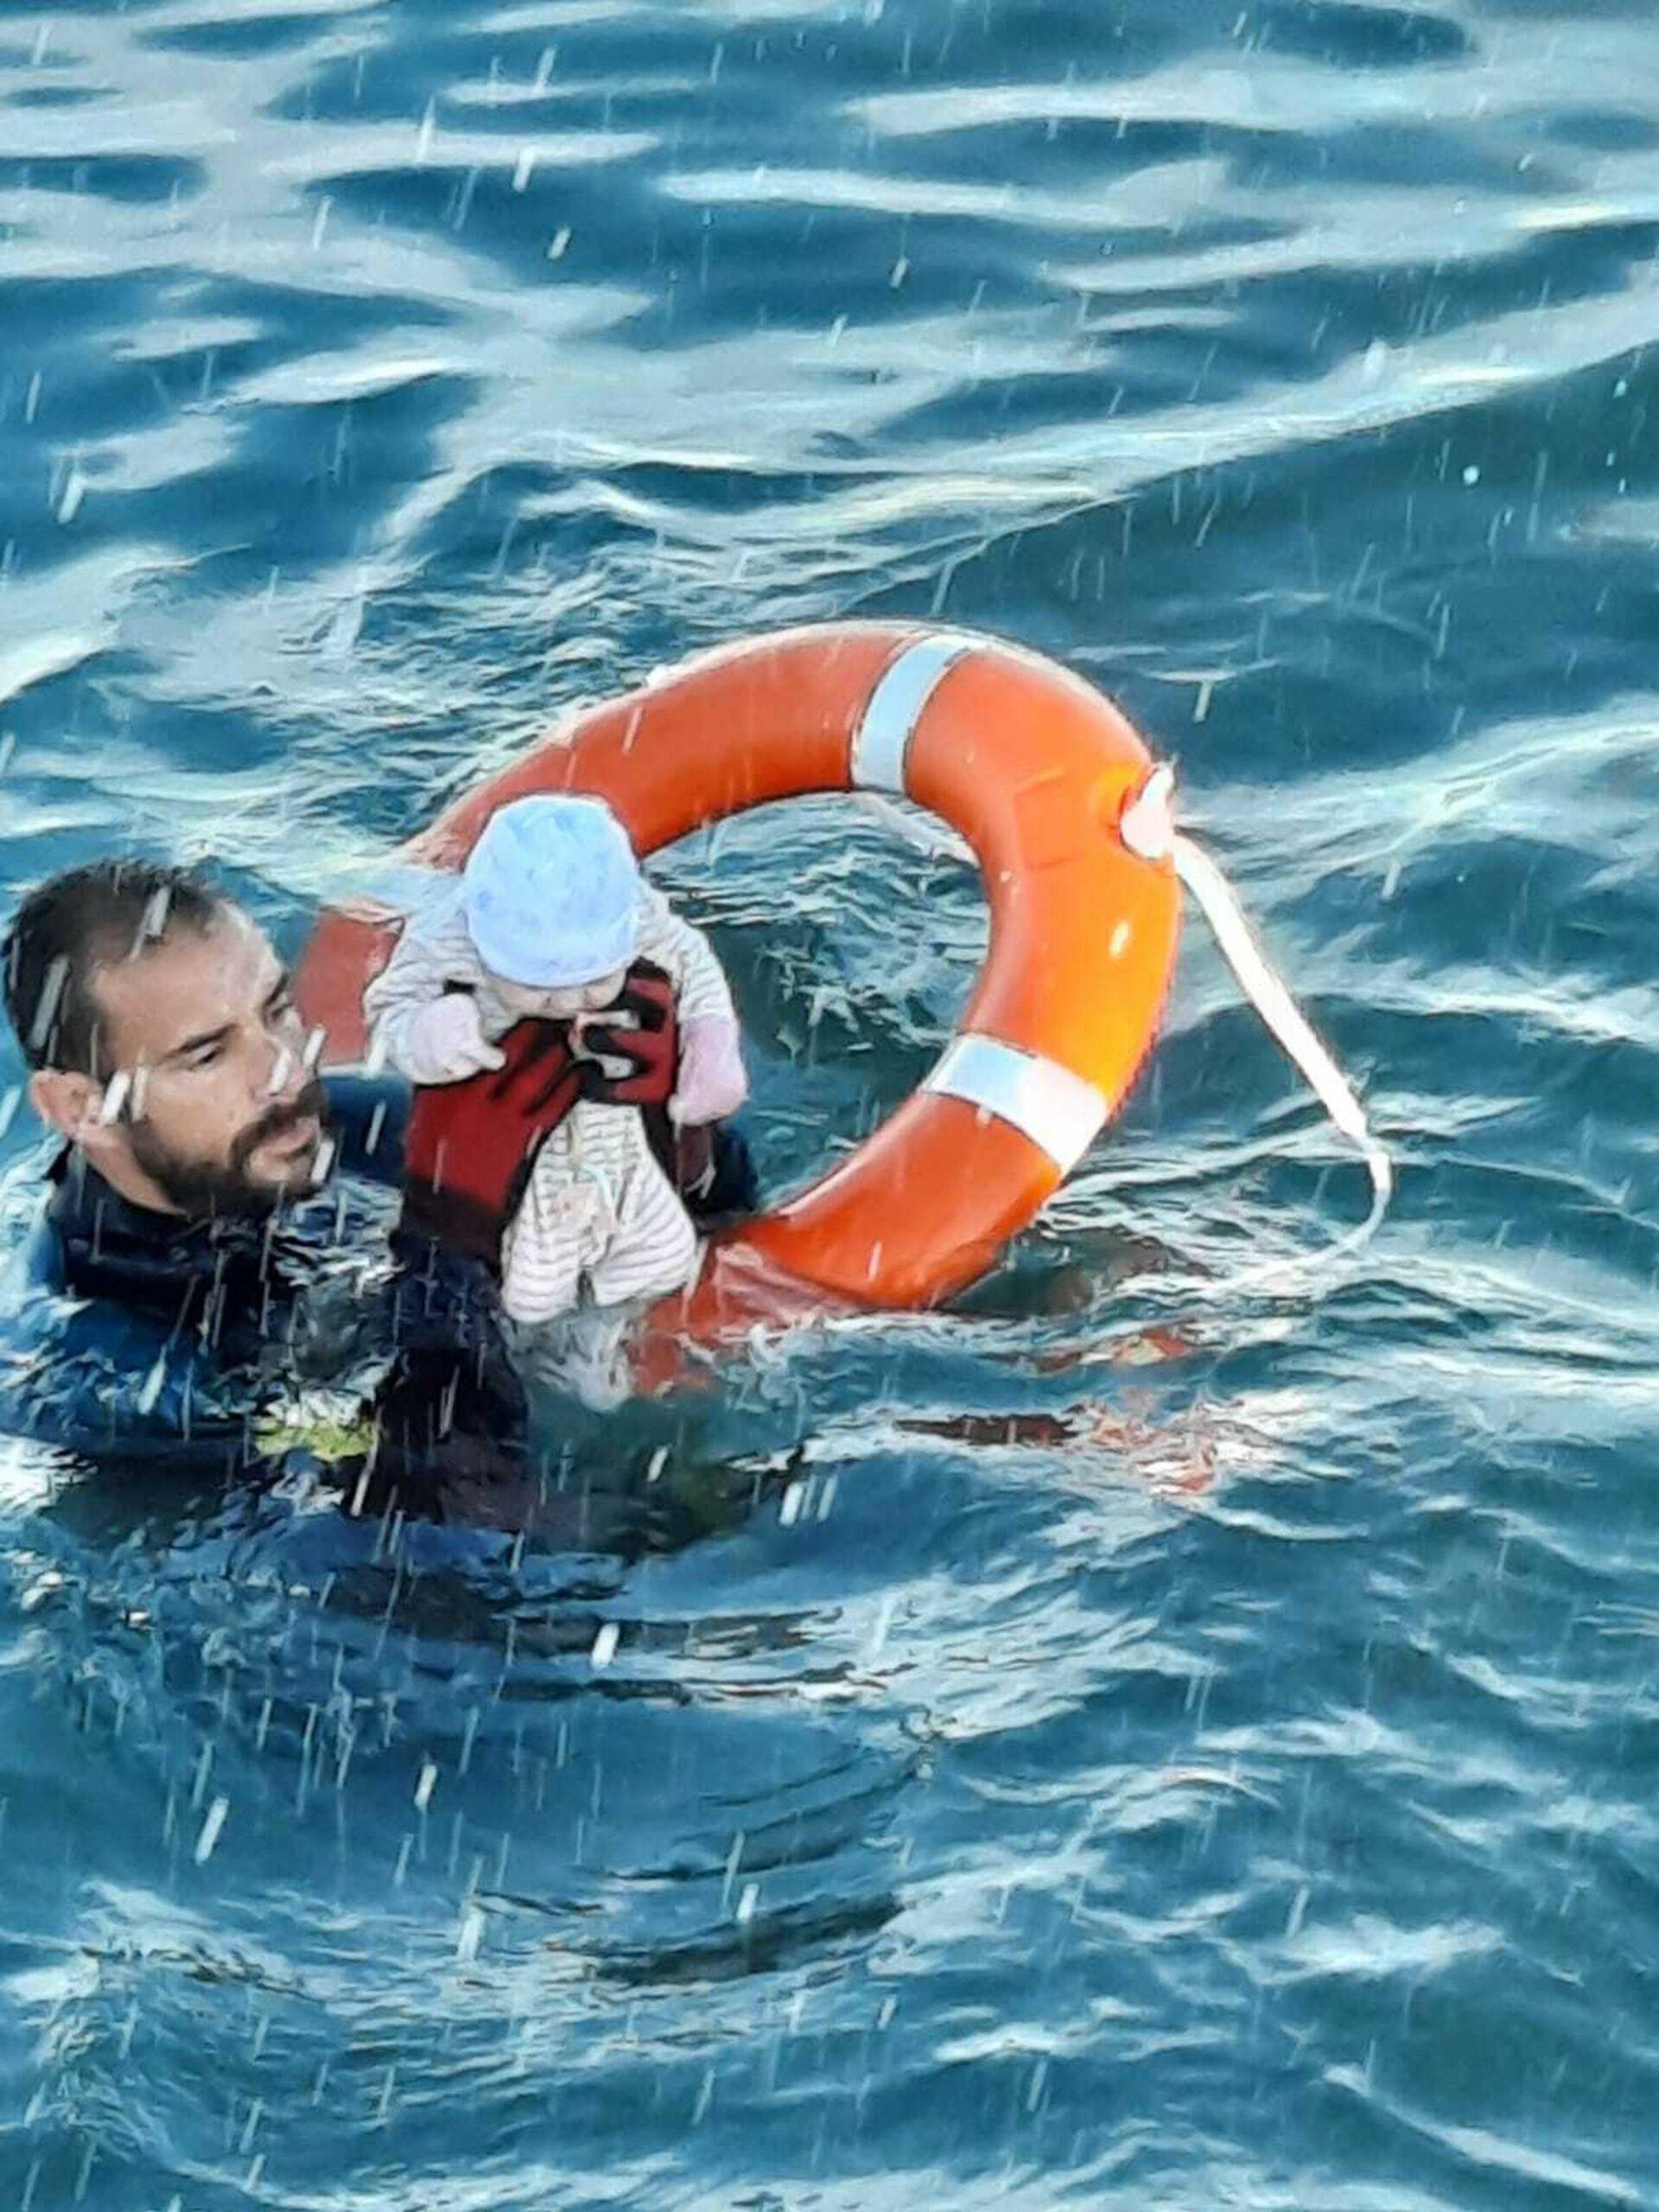 """Eroul din poza care a făcut înconjurul lumii: """"Am luat copilul, era înghețat, rece, nu făcea gesturi"""". Europa, sub noul asalt"""